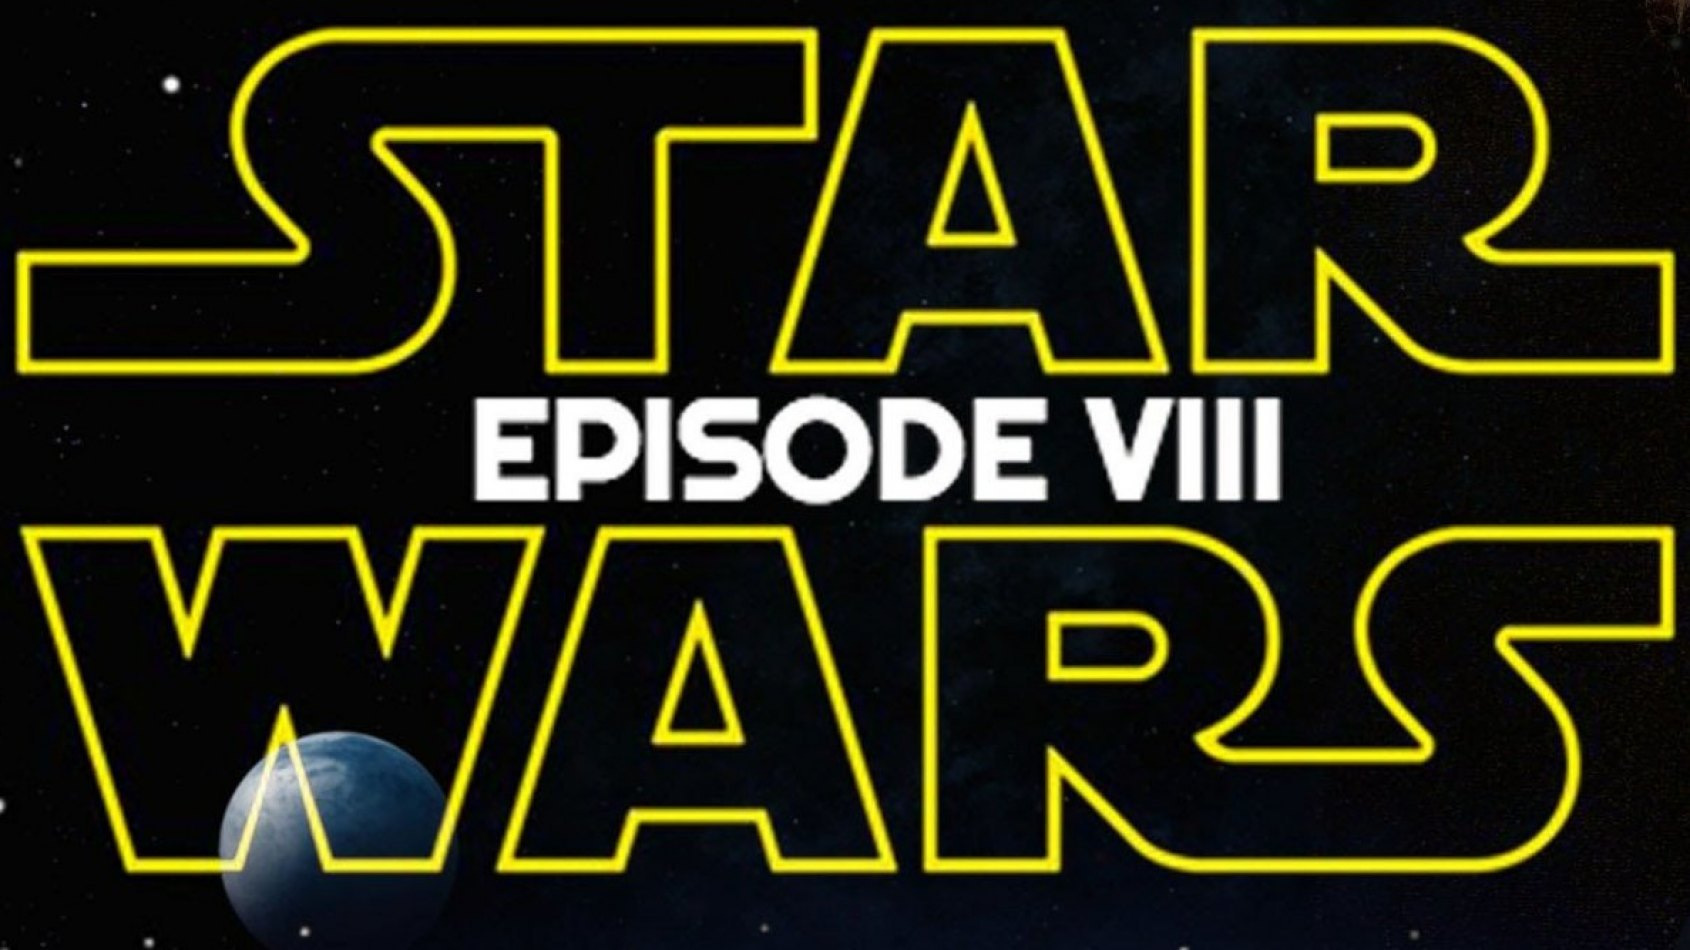 La date de sortie l'Episode VIII confirm�e.